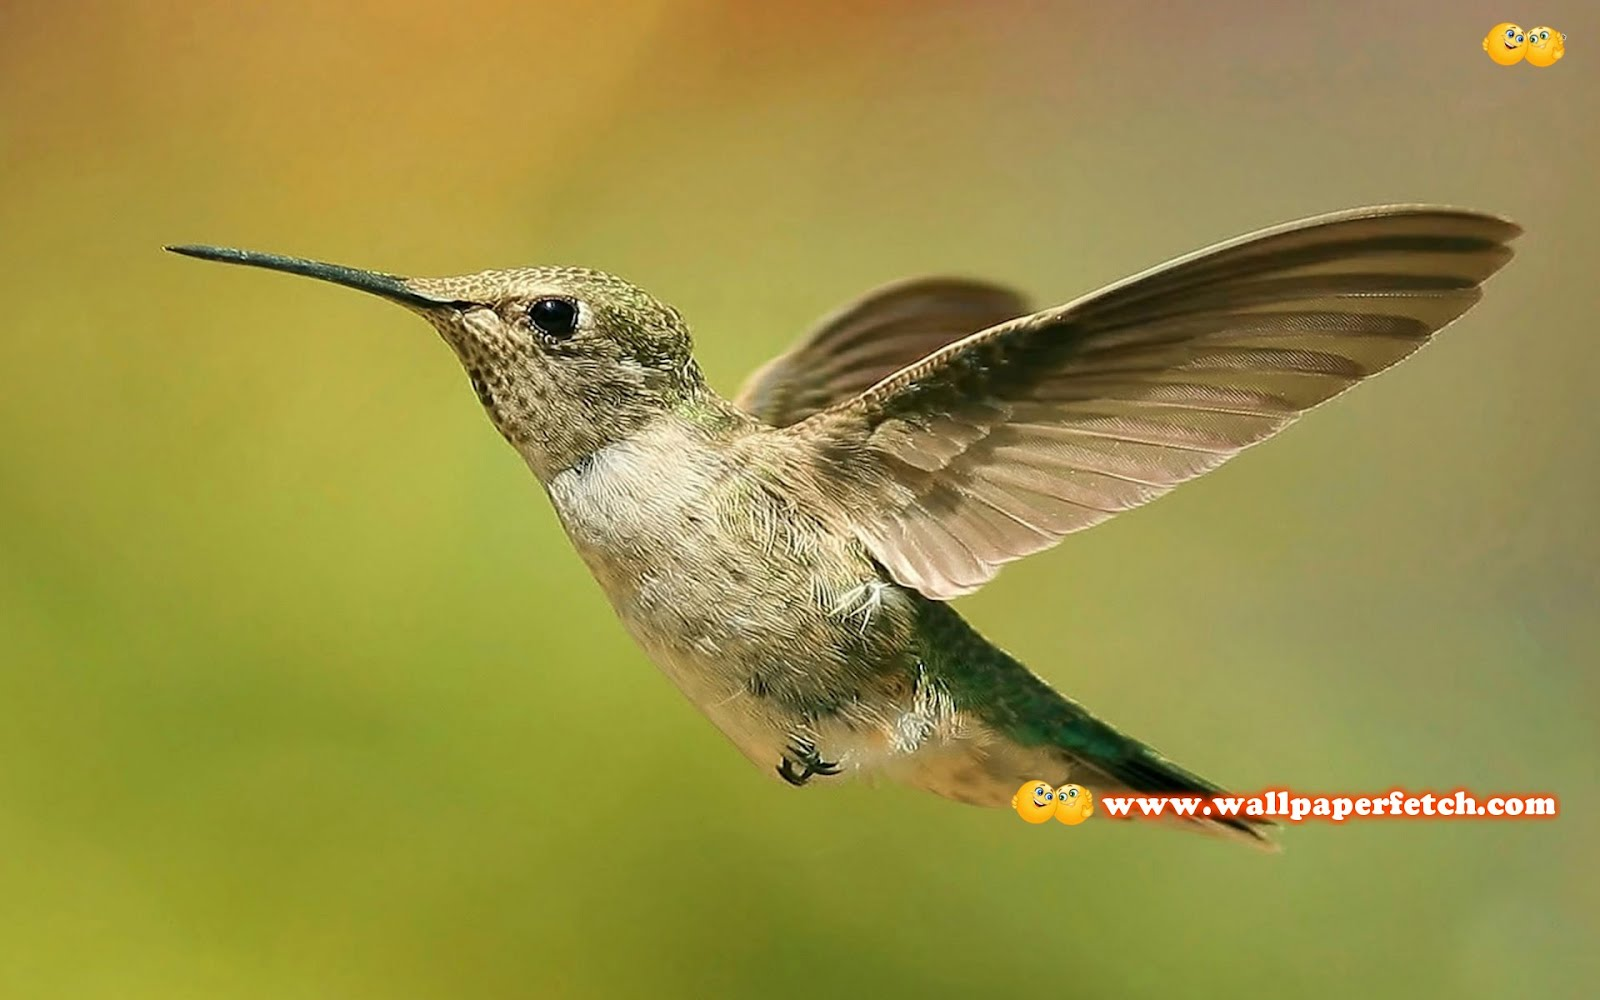 http://1.bp.blogspot.com/-16XeuEitT2k/T1CmHqYgGbI/AAAAAAAAMoU/THcJilO5c60/s1600/hummingbird-9680-1920x1200.jpg